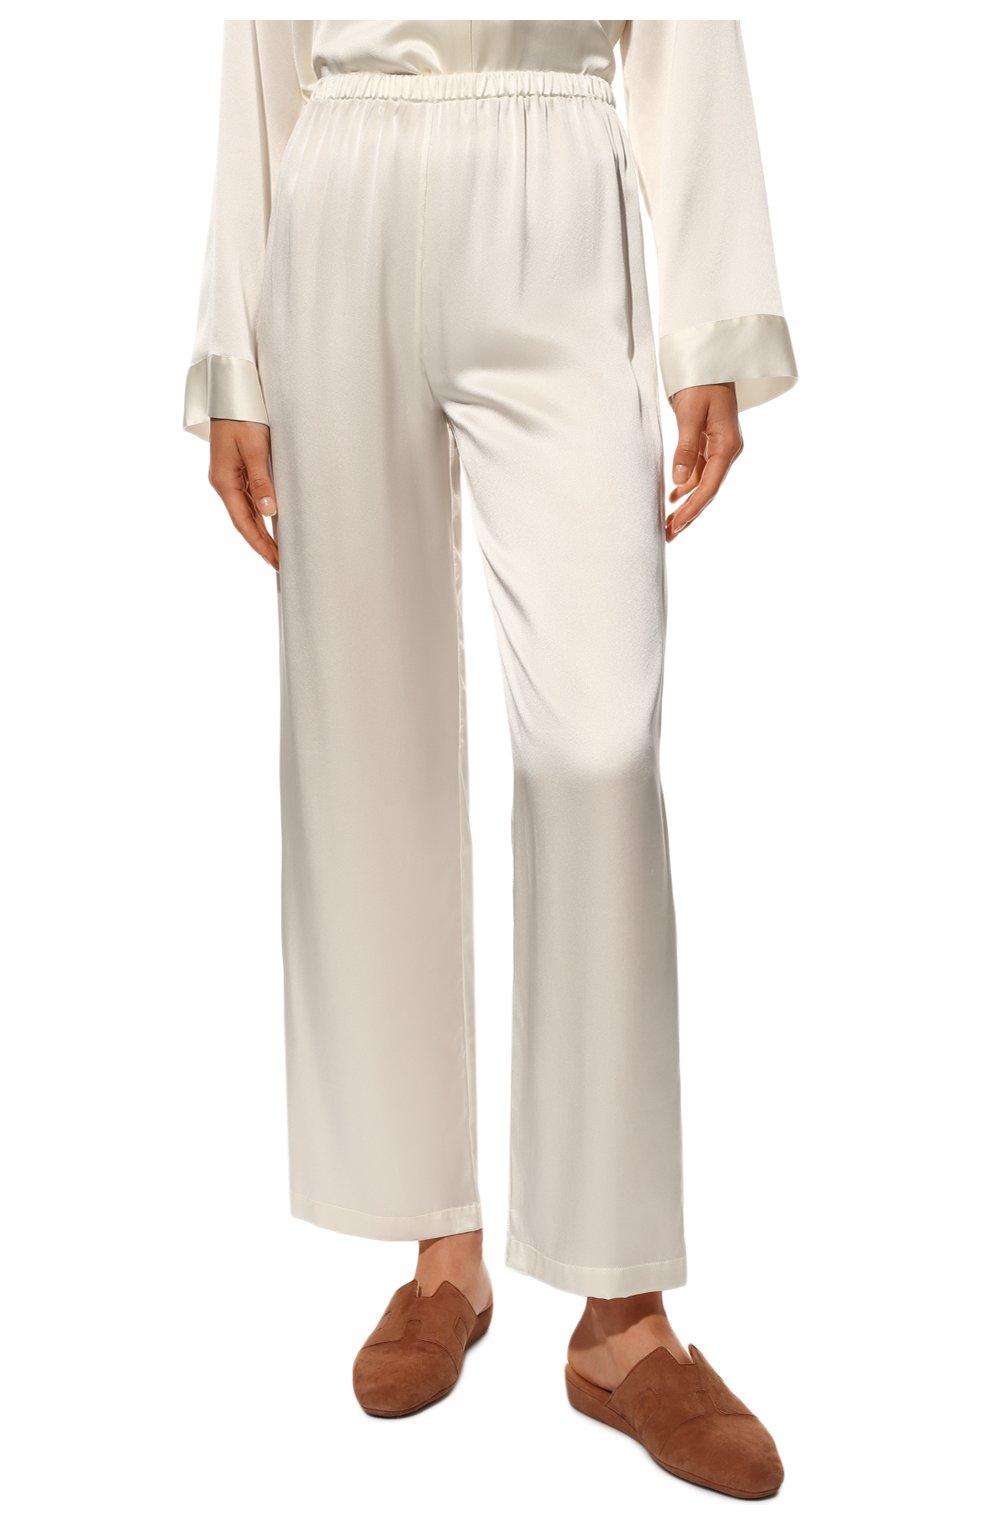 Женская шелковая пижама LUNA DI SETA белого цвета, арт. VLST08007 | Фото 5 (Материал внешний: Шелк; Рукава: Длинные; Длина Ж (юбки, платья, шорты): Мини; Длина (брюки, джинсы): Стандартные; Длина (для топов): Стандартные)